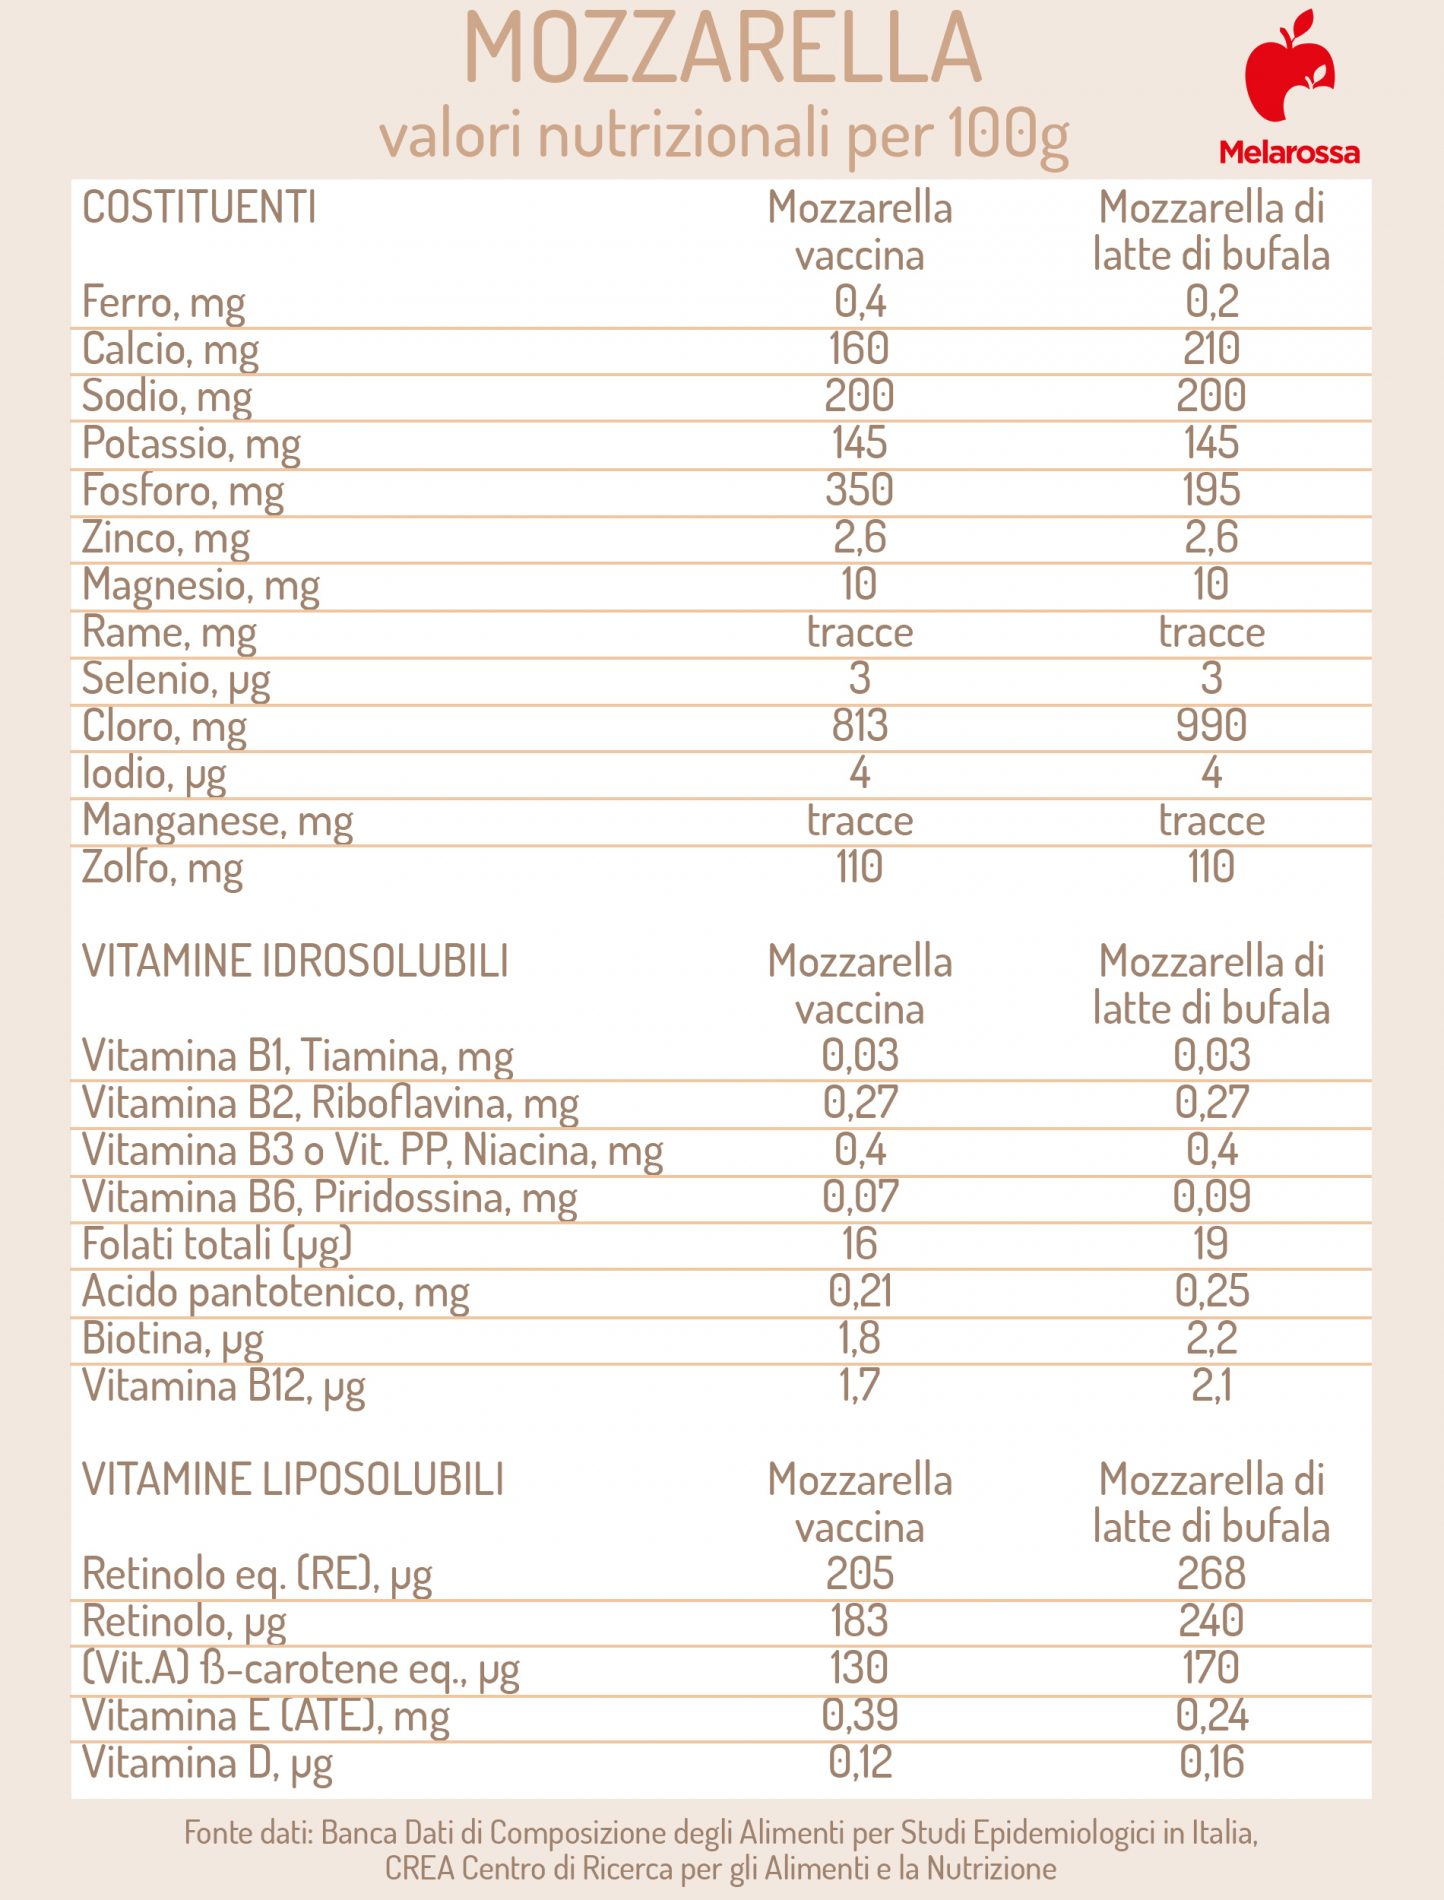 mozzarella: valori nutrizionali